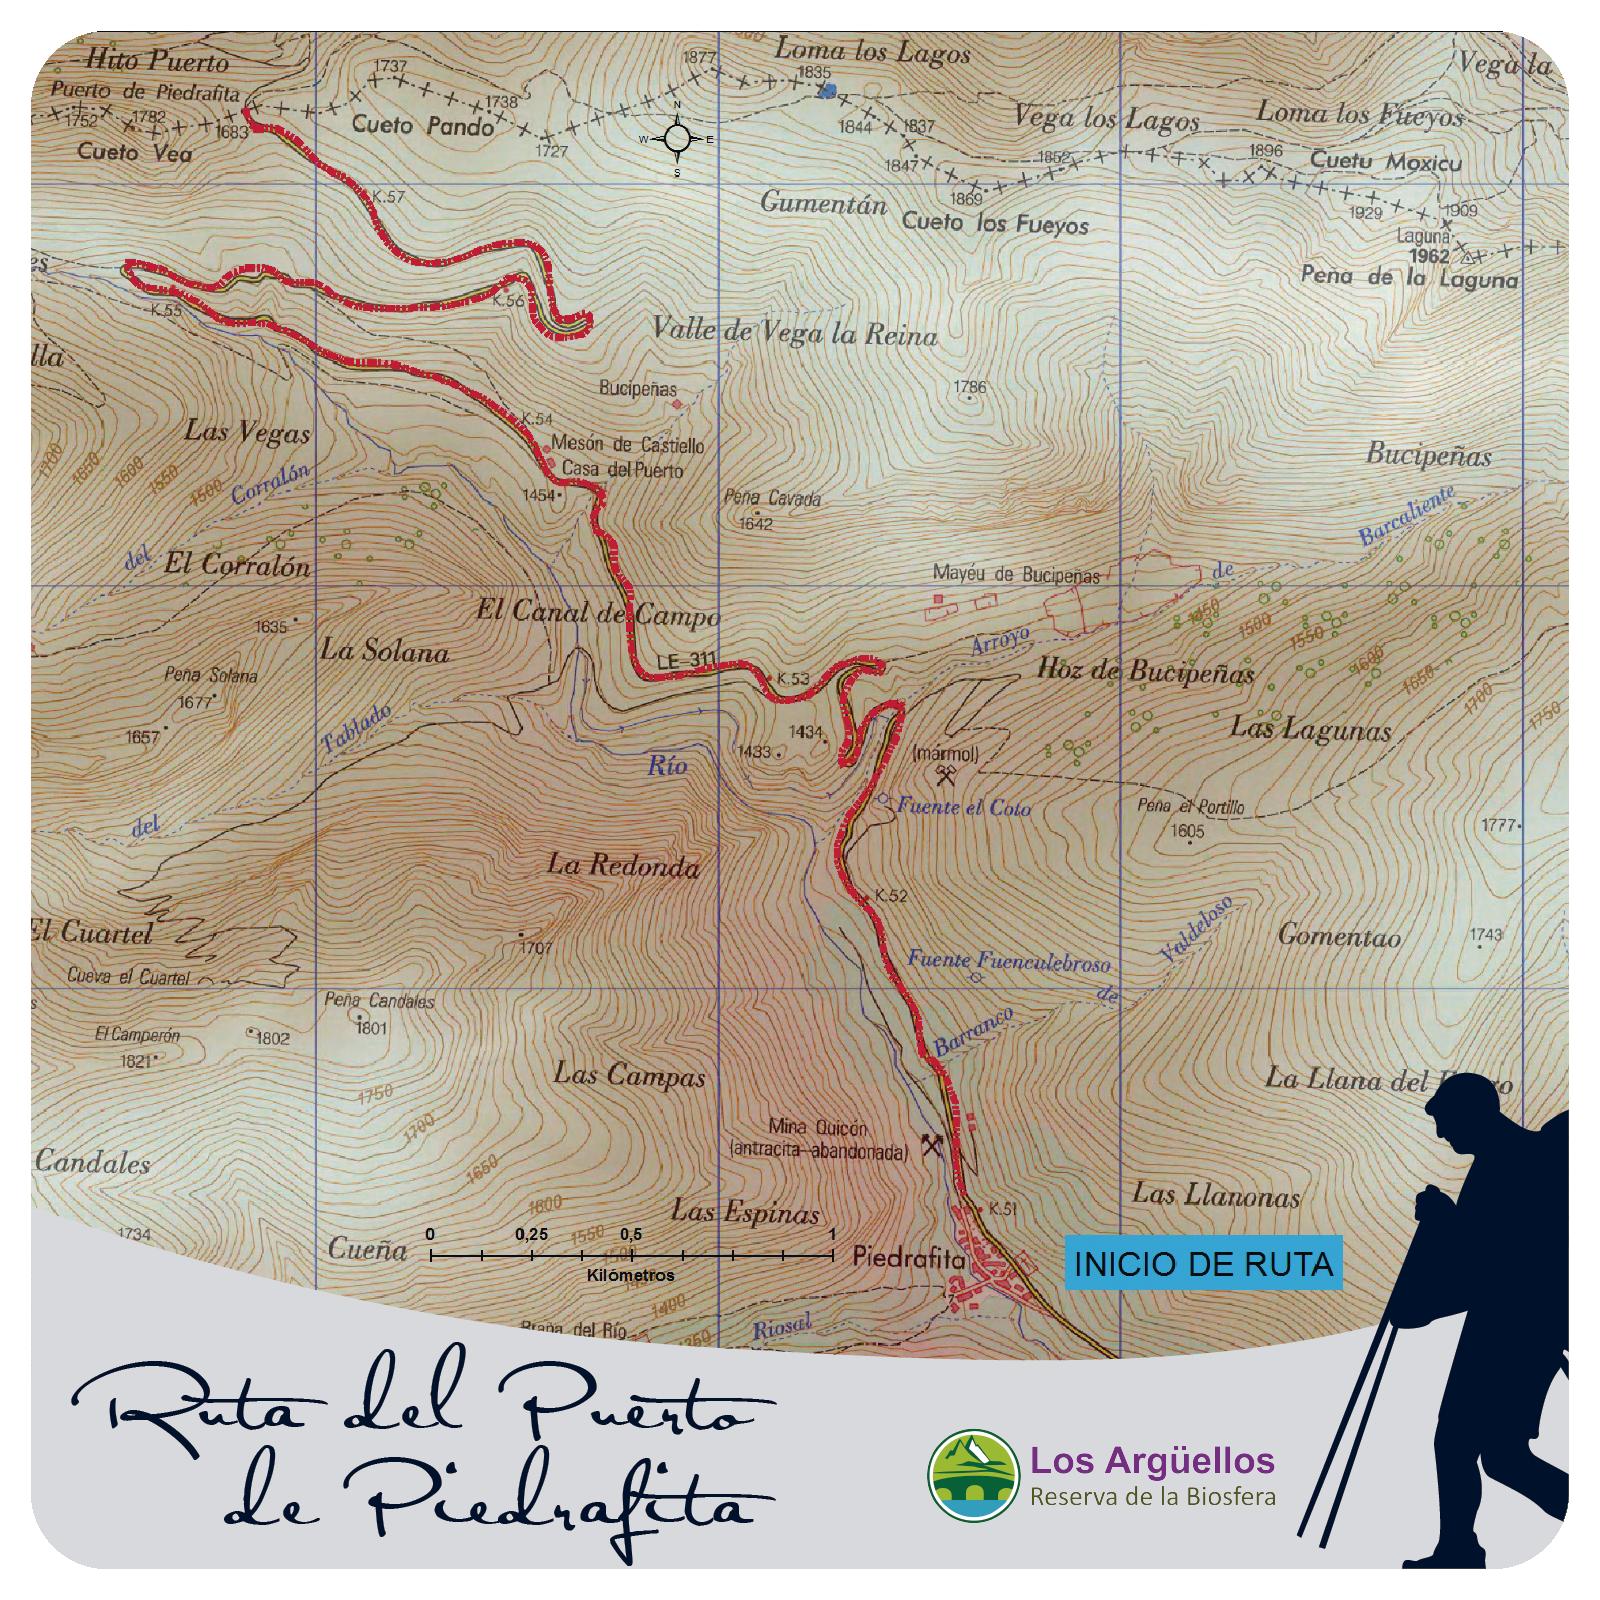 Ruta Del Puerto De Piedrafita